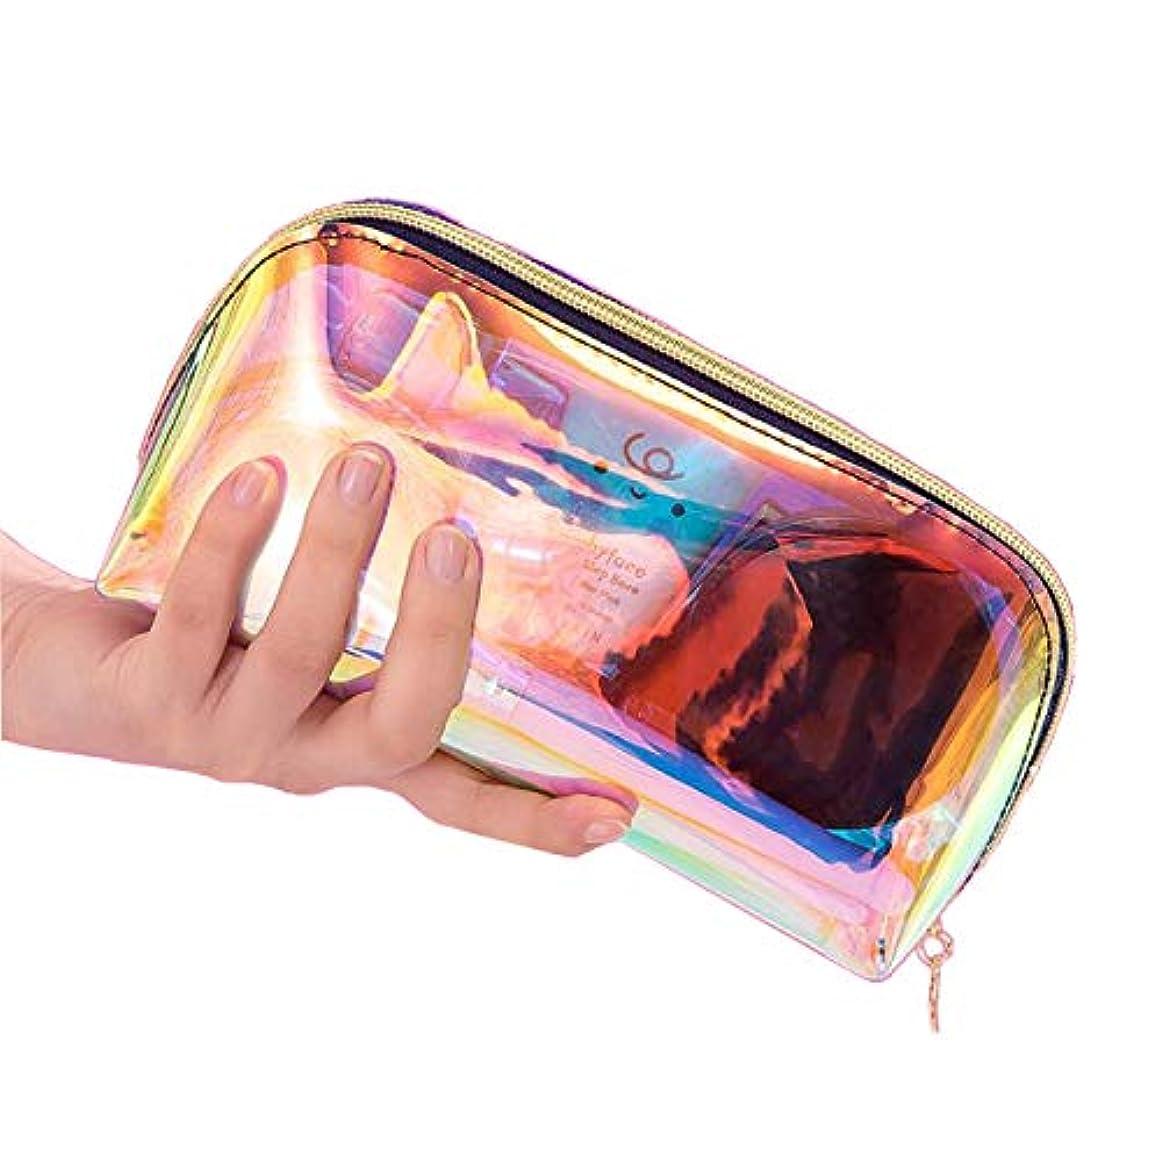 砲撃語出席するRanoki 化粧品バッグ 収納防水多彩透明メッシュ温泉、 ビーチサイド旅行、出張、便利、メイク 収納 メイクブラシポーチ化粧品